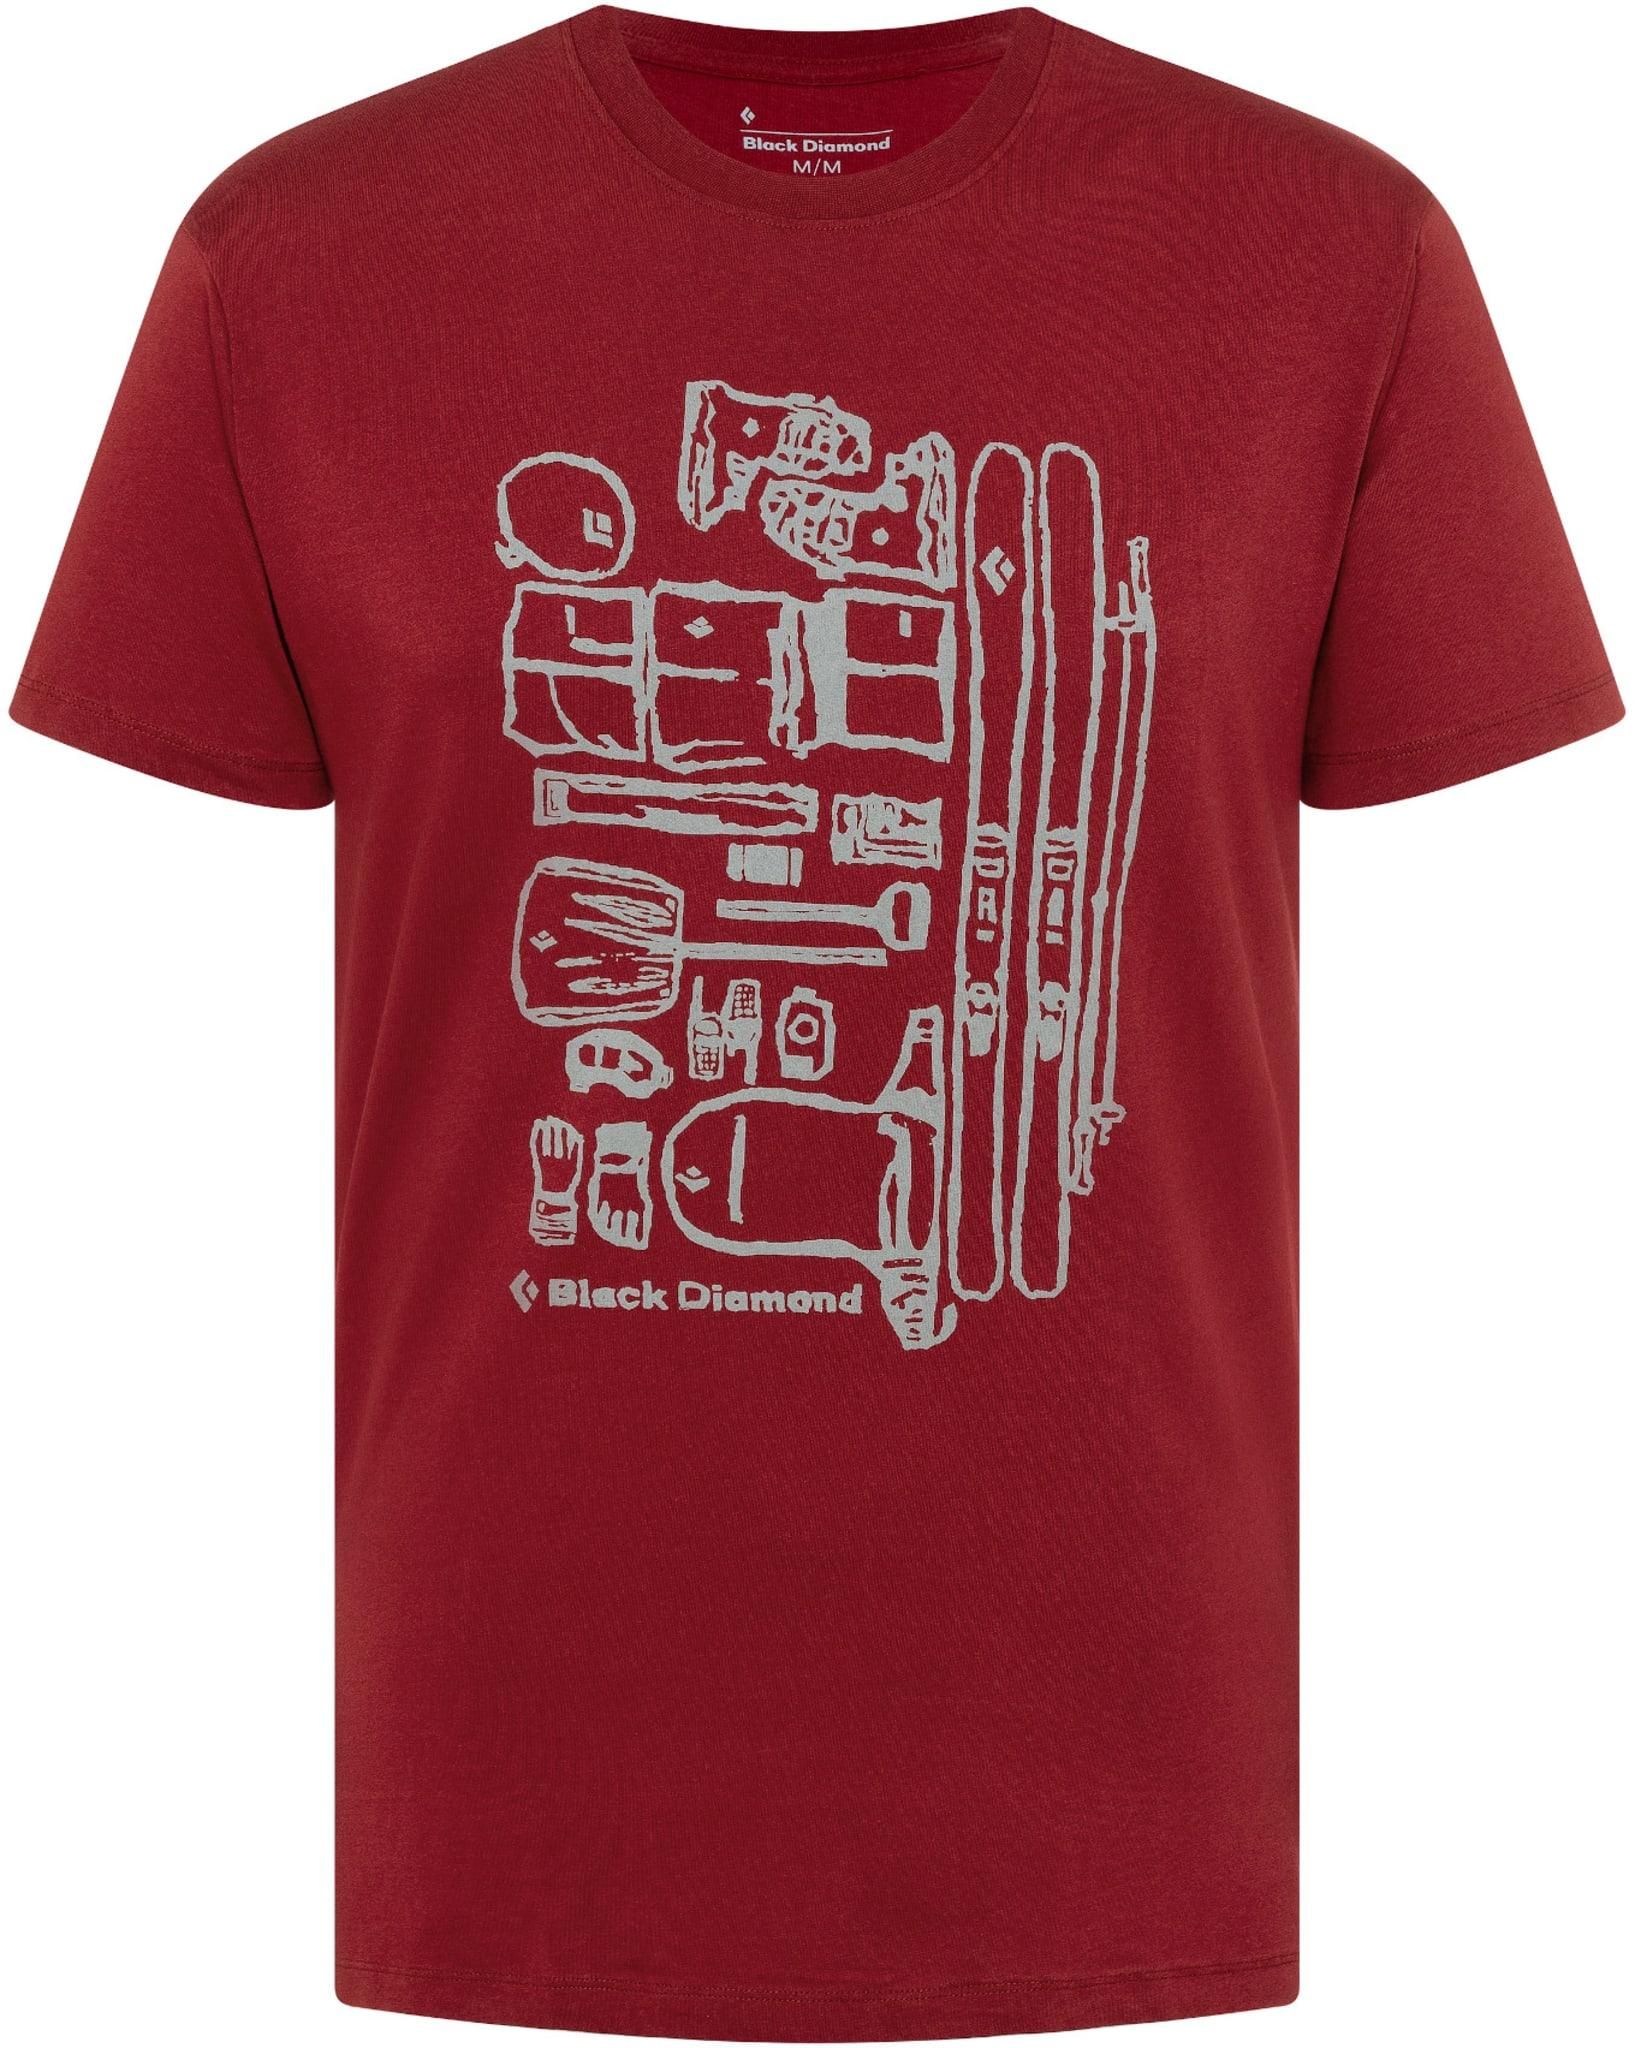 Behagelig t-skjorte i organisk bomull